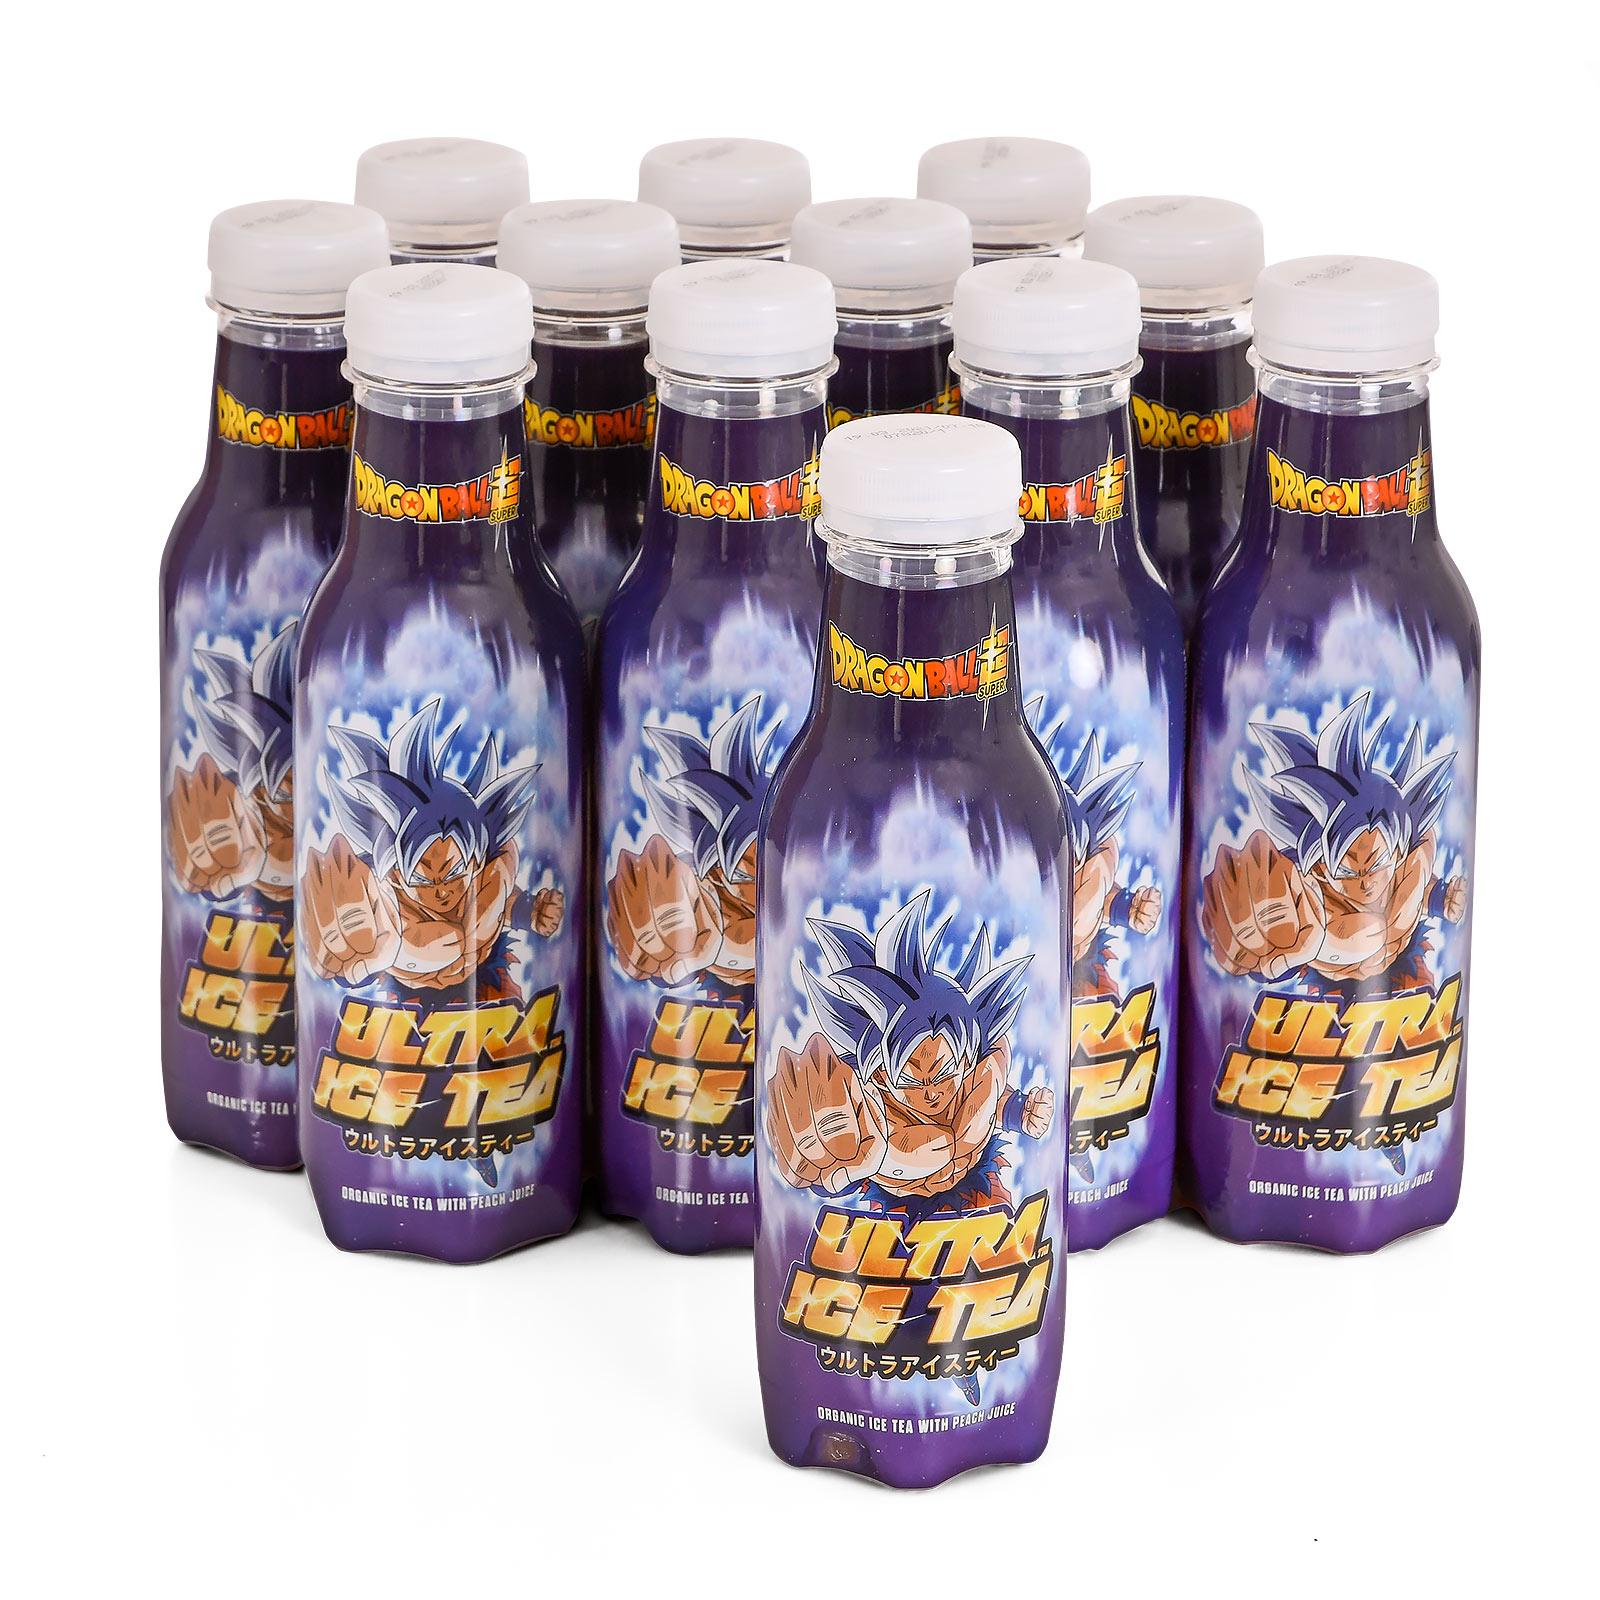 Dragon Ball - Goku Ultra Bio Eistee Pfirsich 12er Pack